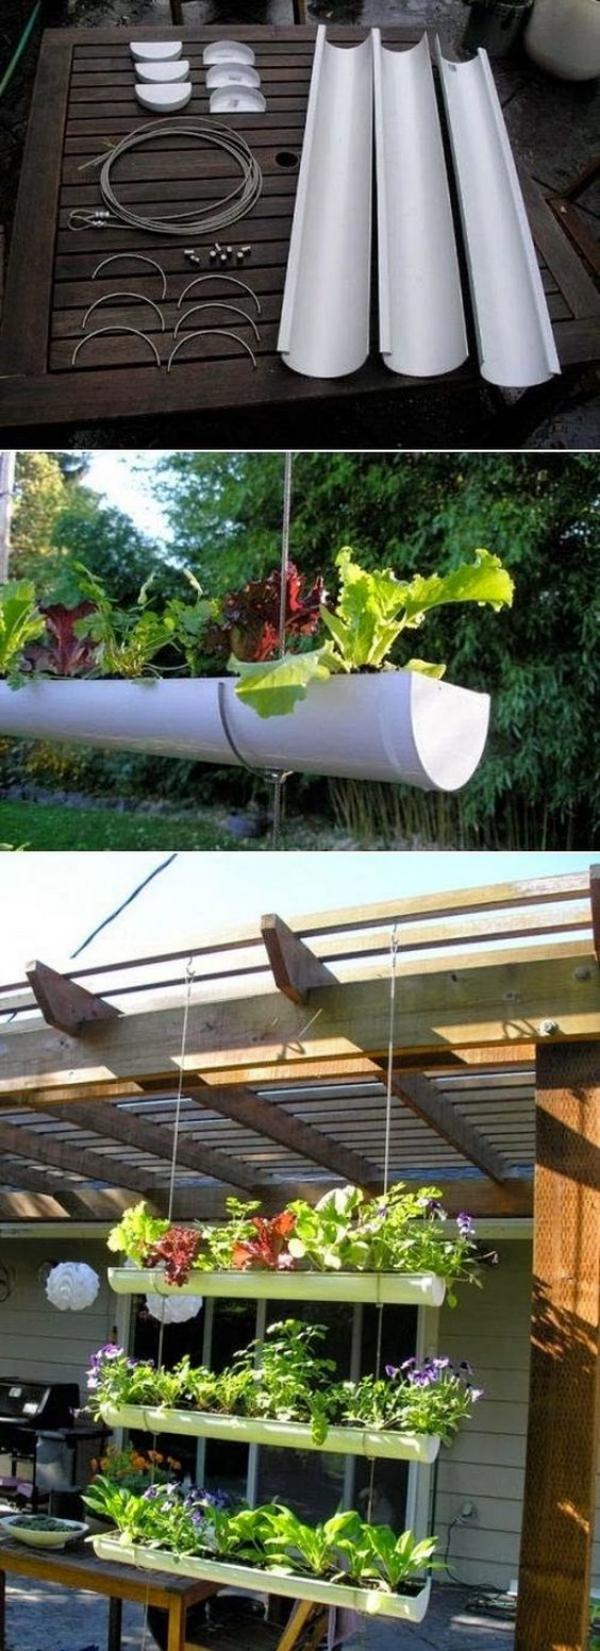 Super-Creative-Vertical-Garden-Ideas-14